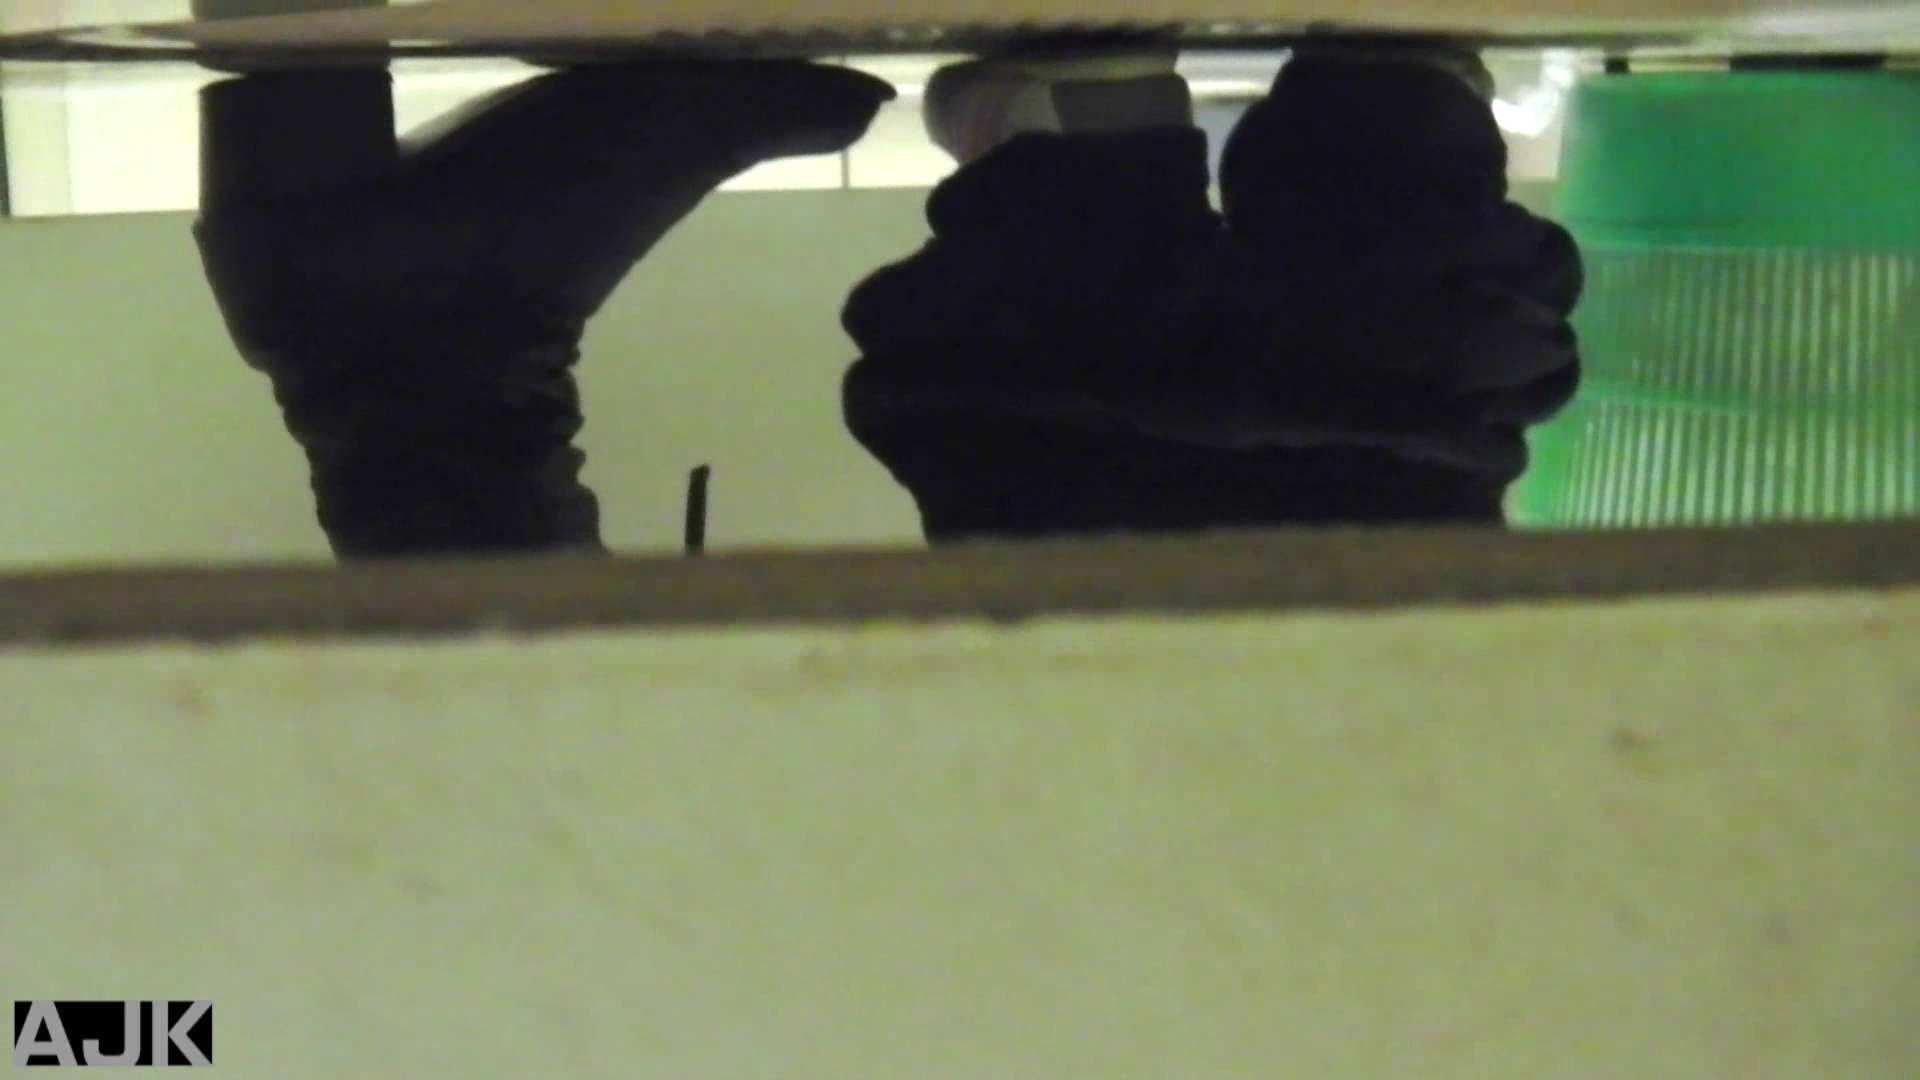 隣国上階級エリアの令嬢たちが集うデパートお手洗い Vol.17 お手洗い | 色っぽいOL達  98pic 37